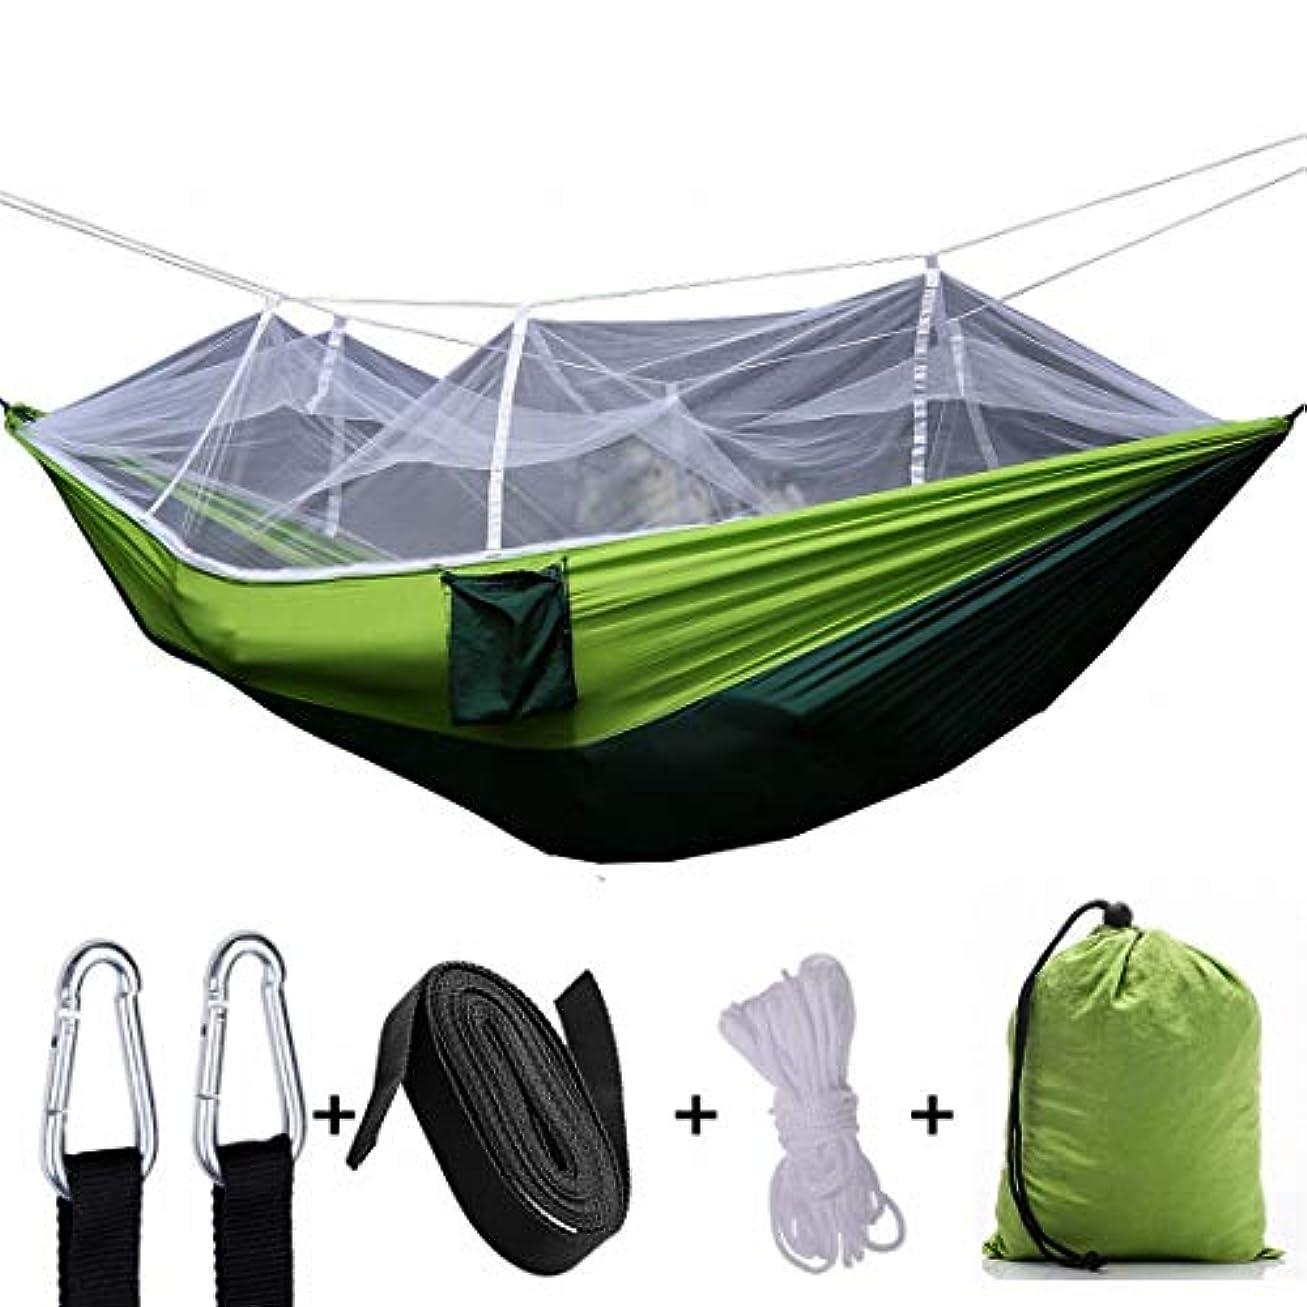 モディッシュ切断するリビジョンSummerys 薄い屋外蚊帳ハンモックロールオーバー野生のキャンプパラシュート布防蚊蚊帳スイングチェア (Color : 1)